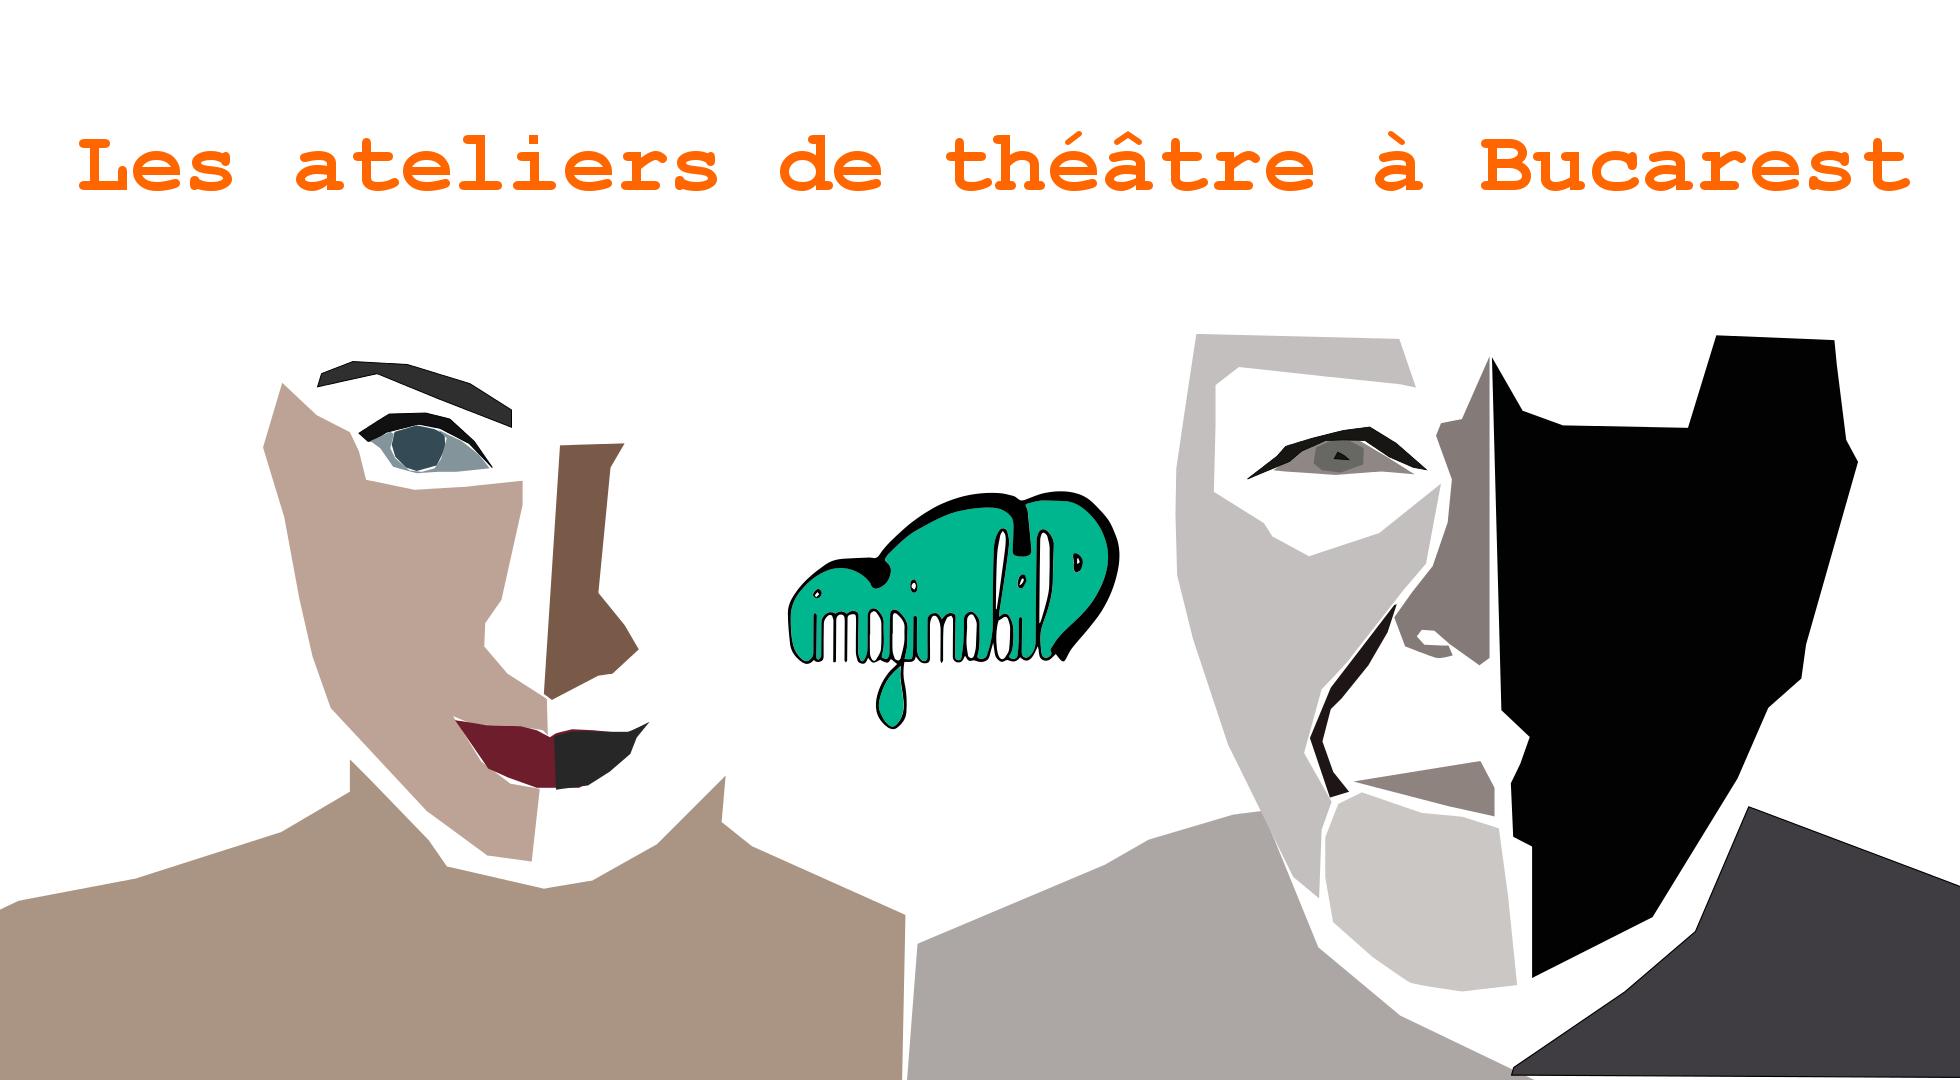 Le ateliers de théâtre à Bucarest